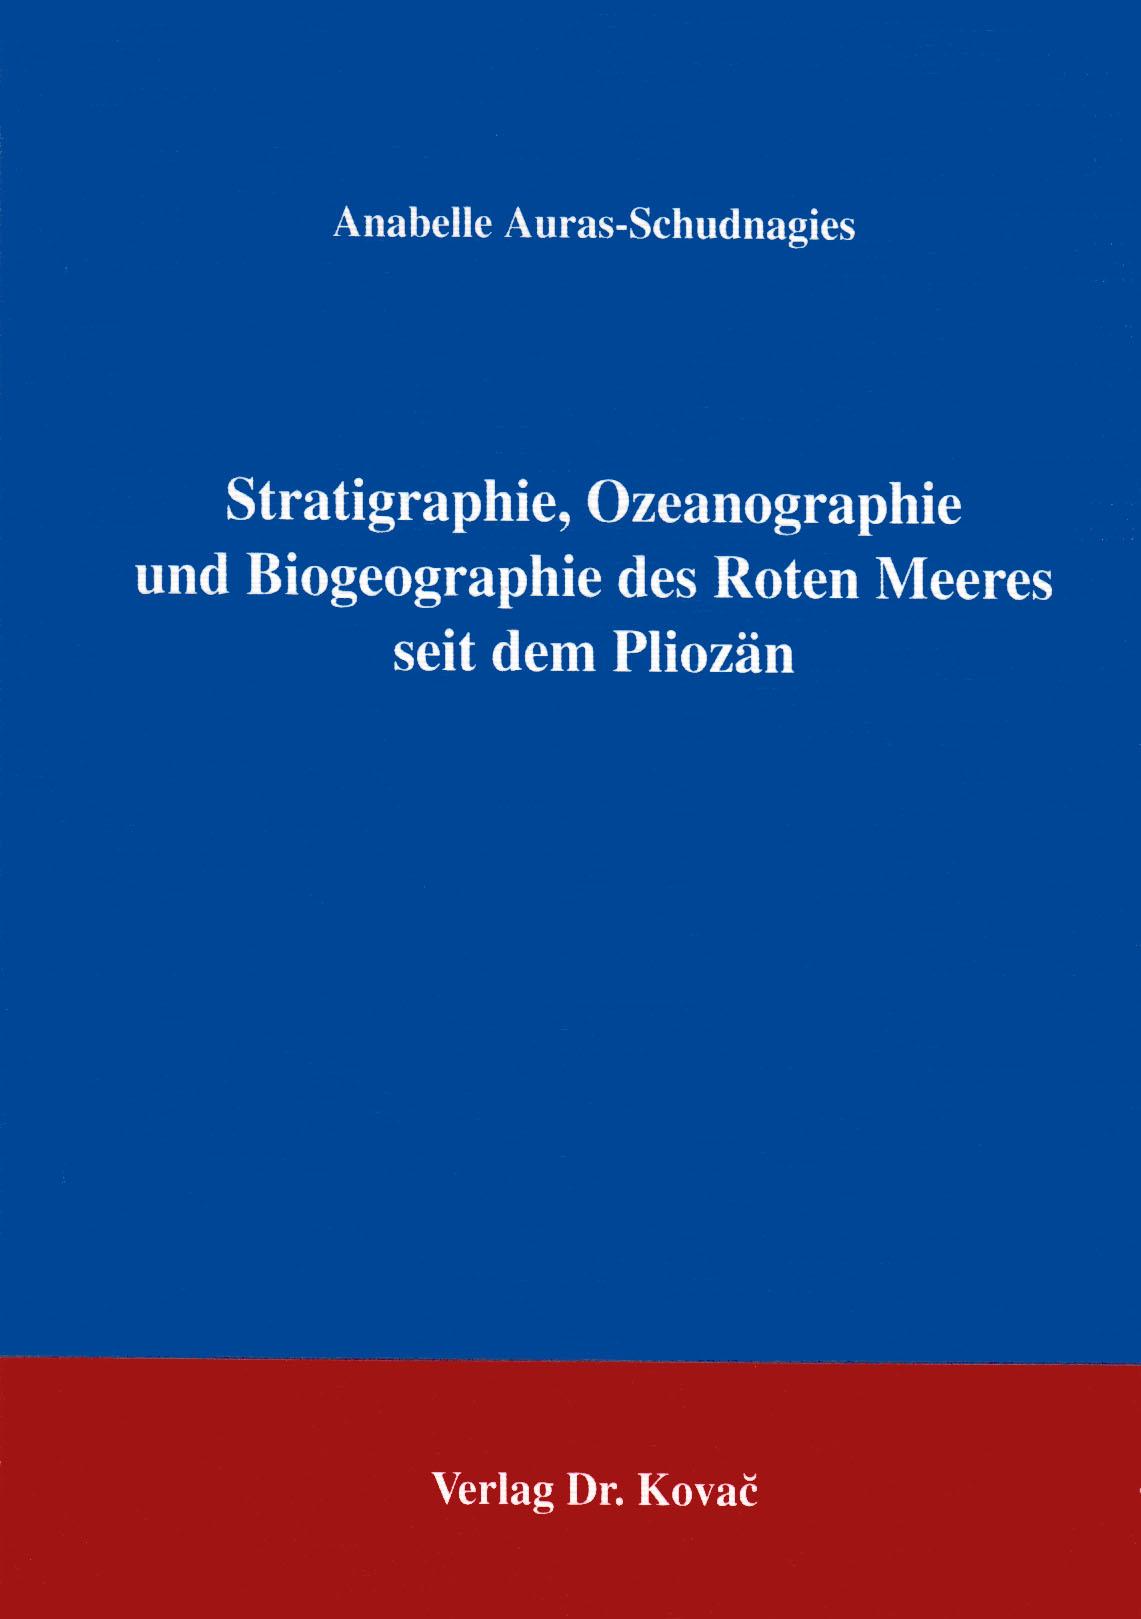 Cover: Stratigraphie, Ozeanographie und Biogeographie des Roten Meeres seit dem Pliozän